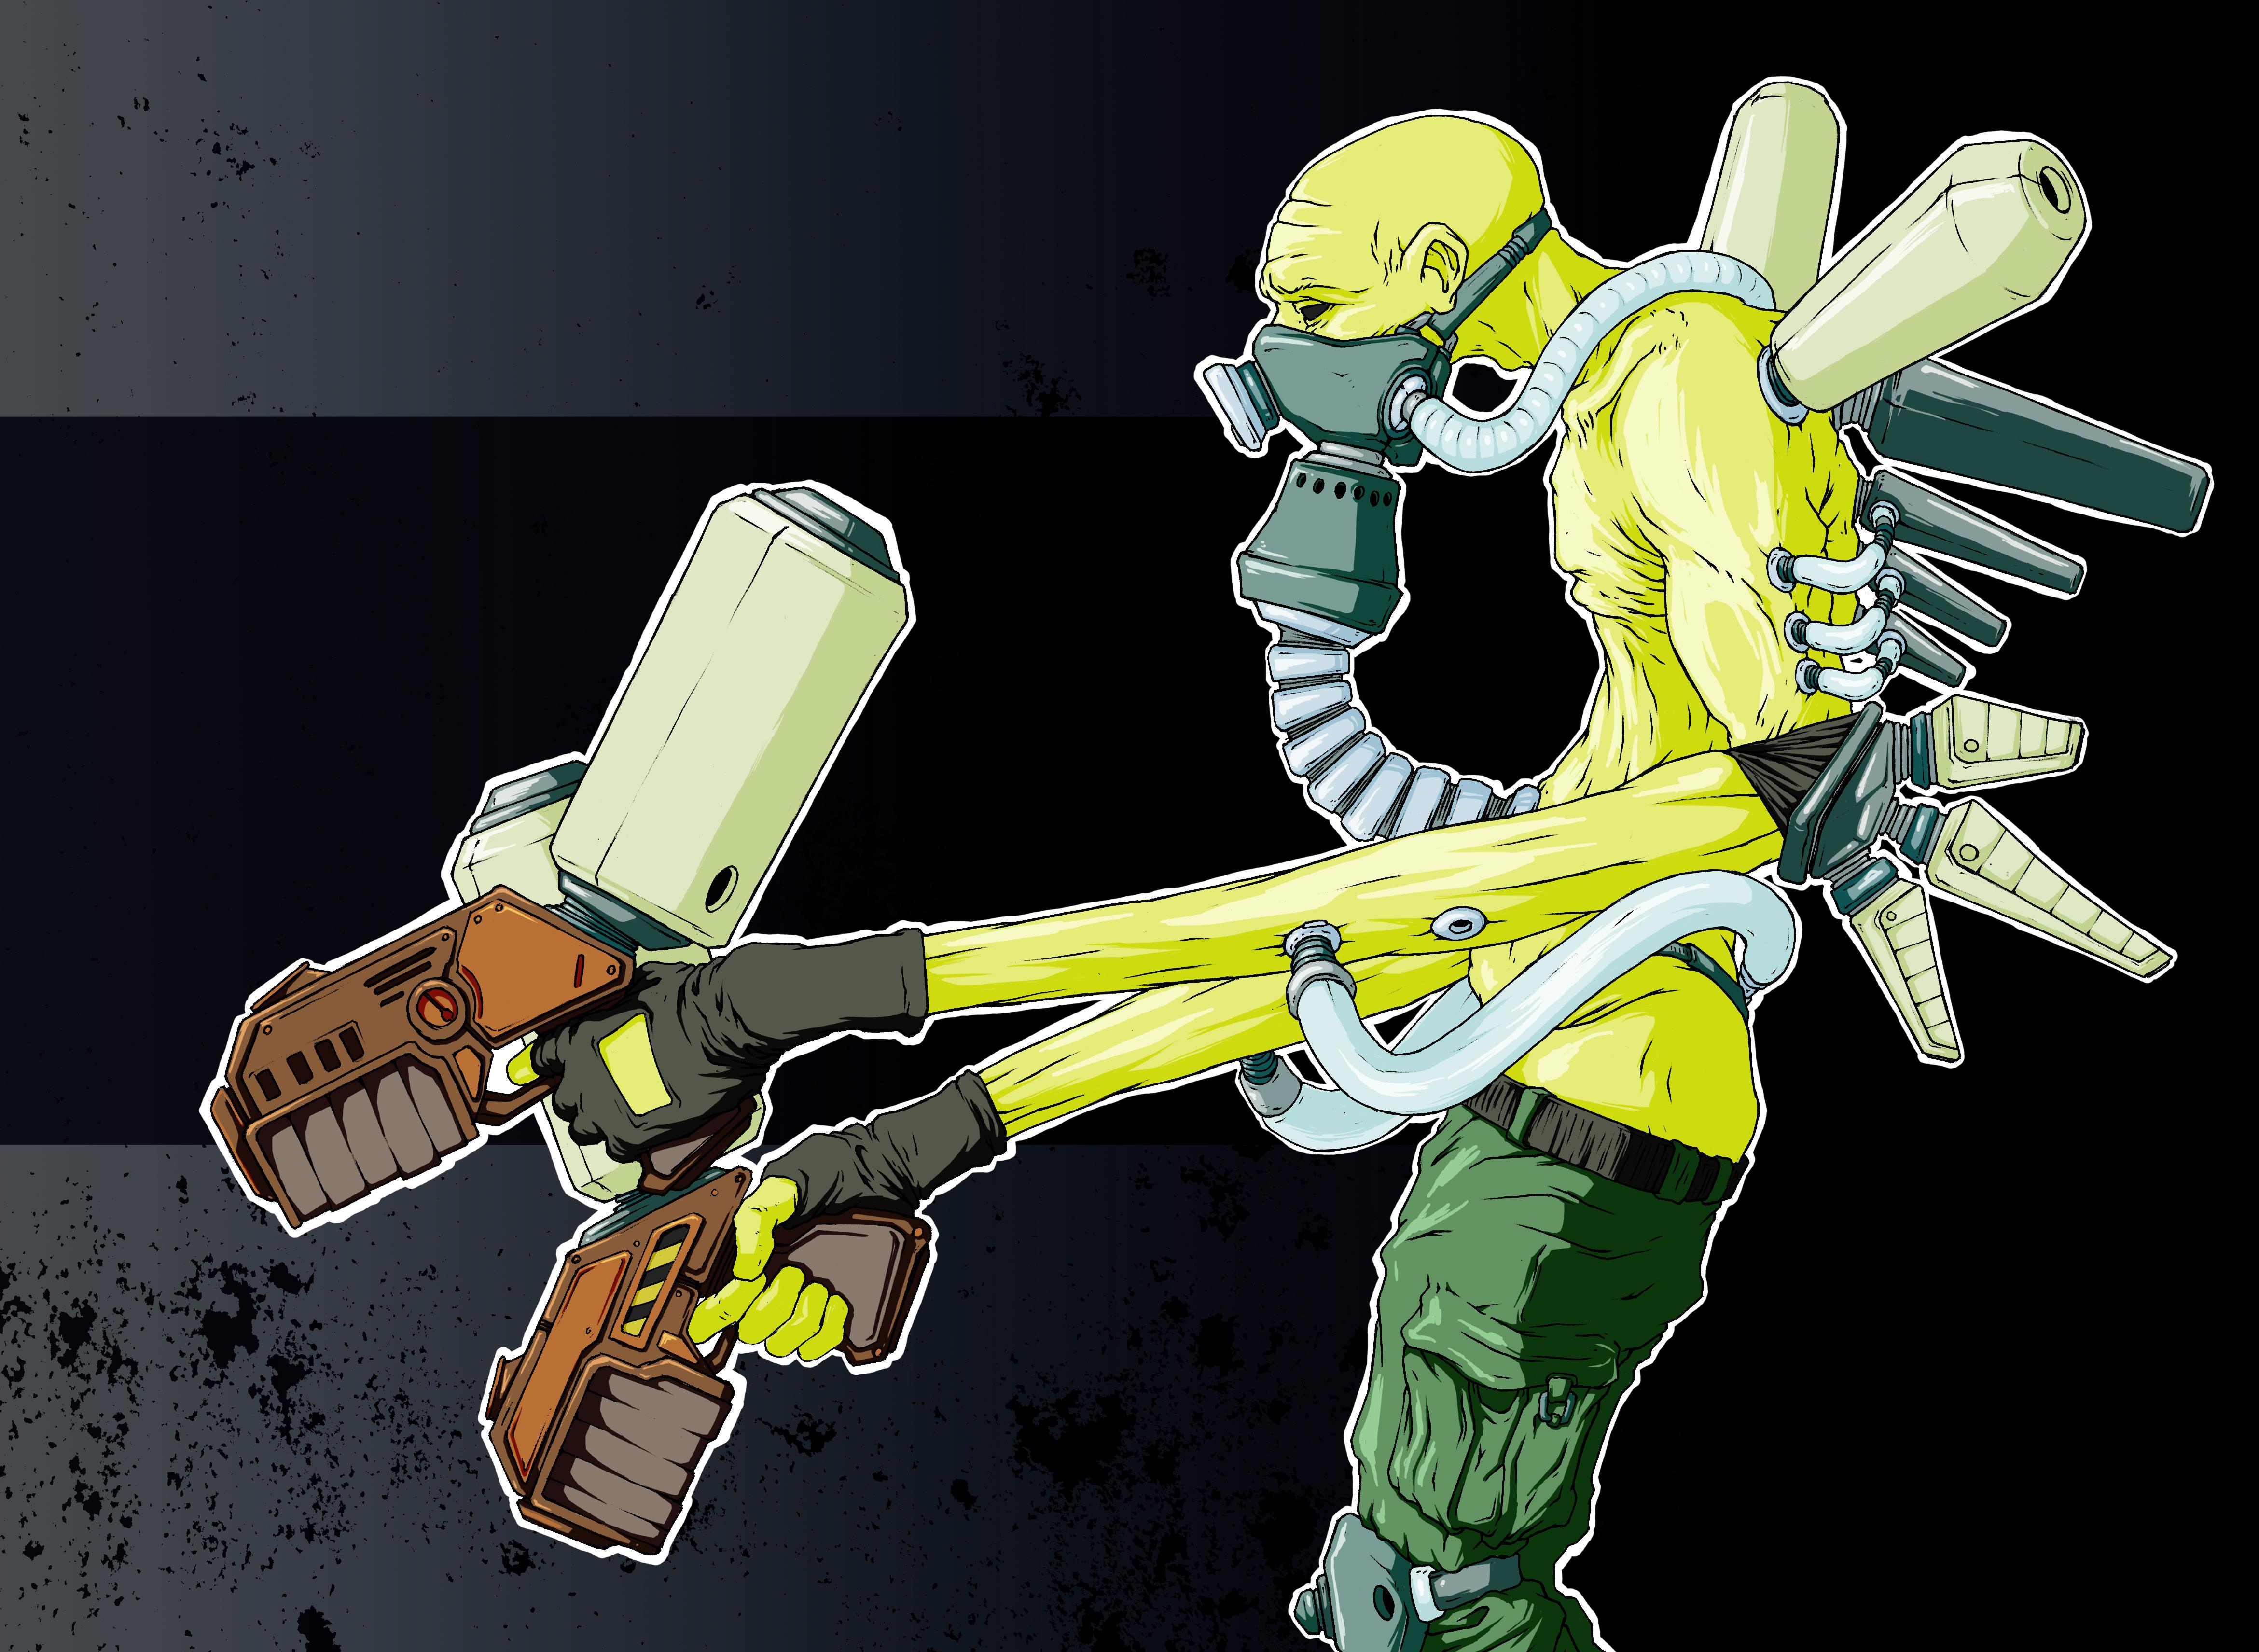 Soldier concept by Sadania